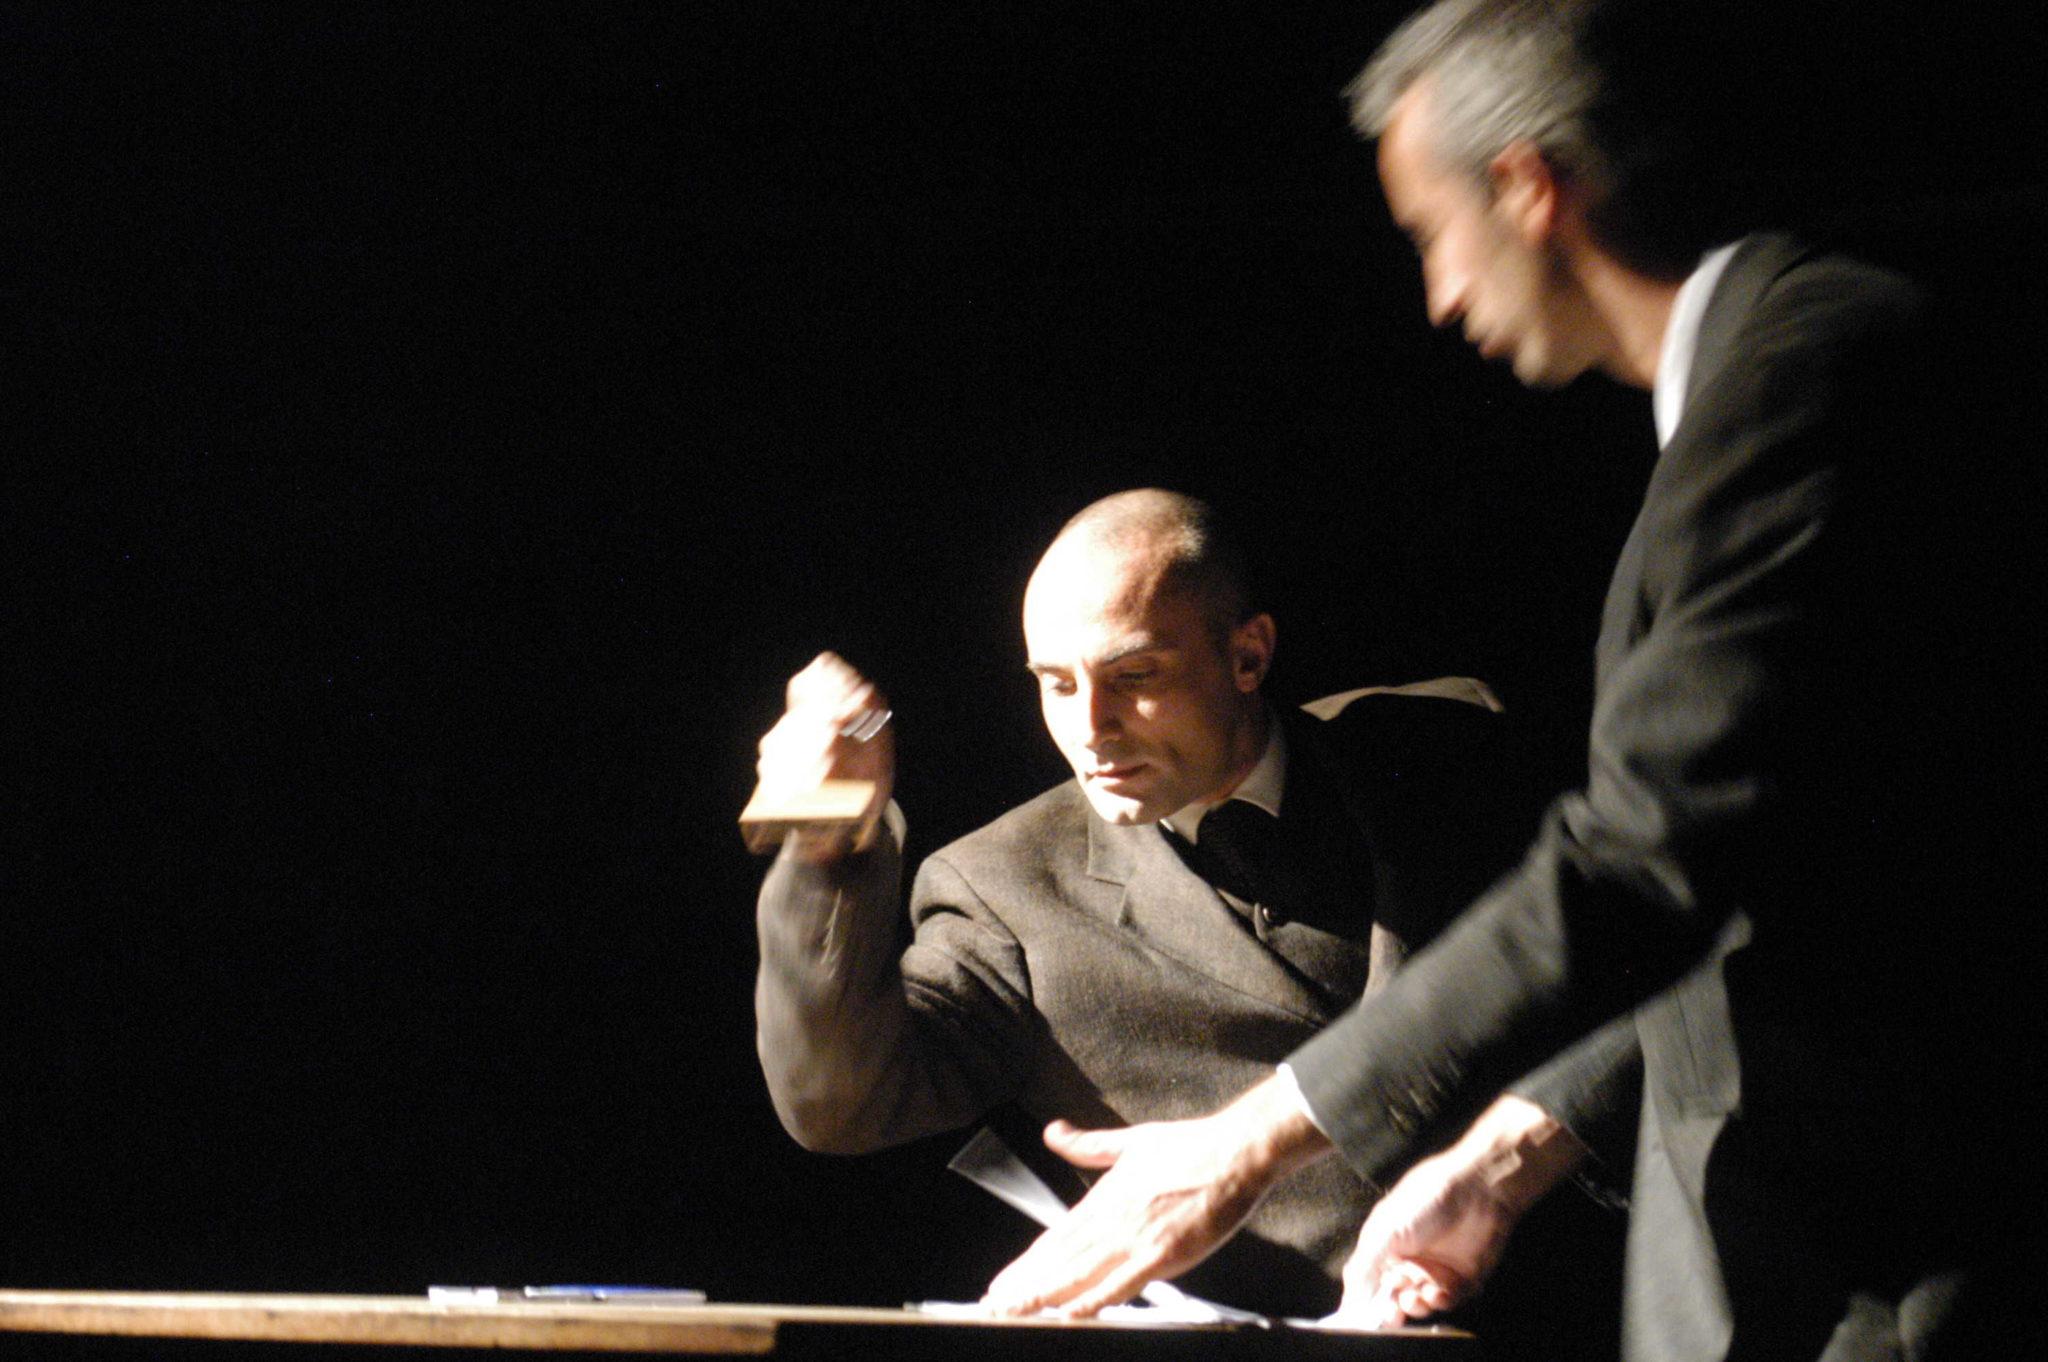 Papiers;2007;humanbeings (4)